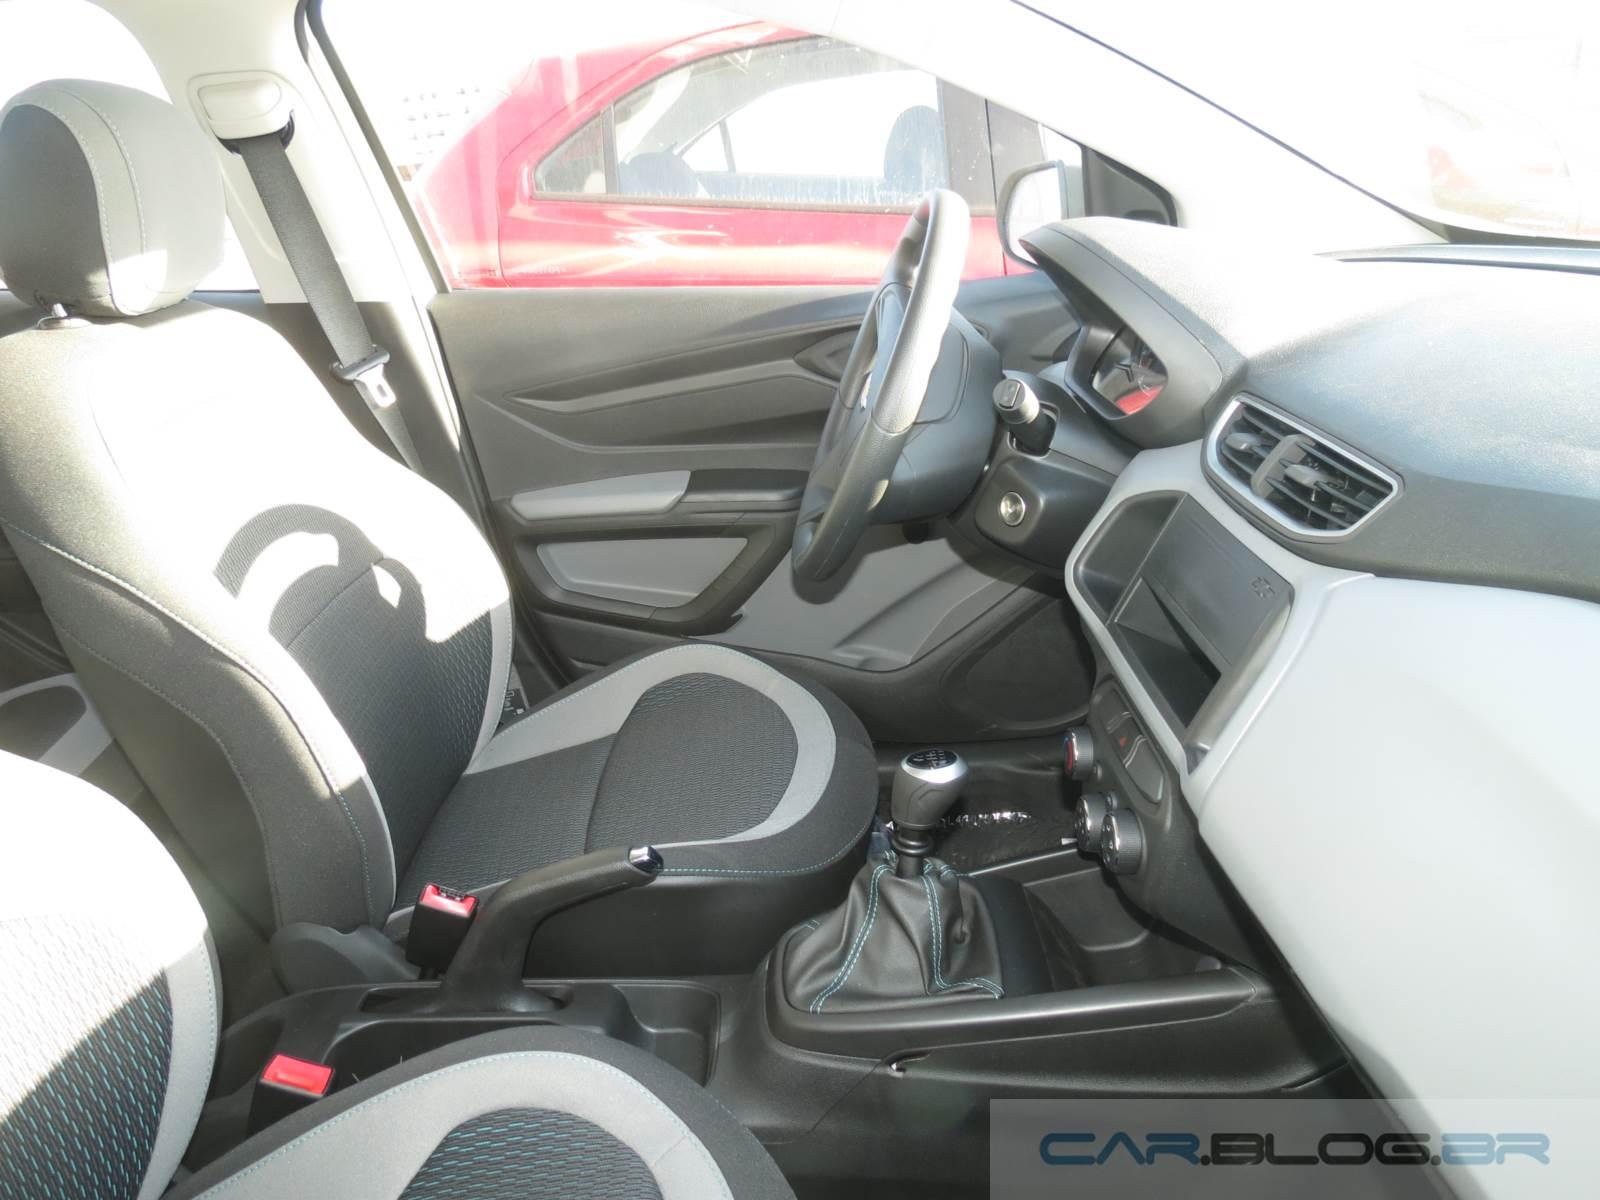 Chevrolet Onix LS 1.0 2015 - Interior